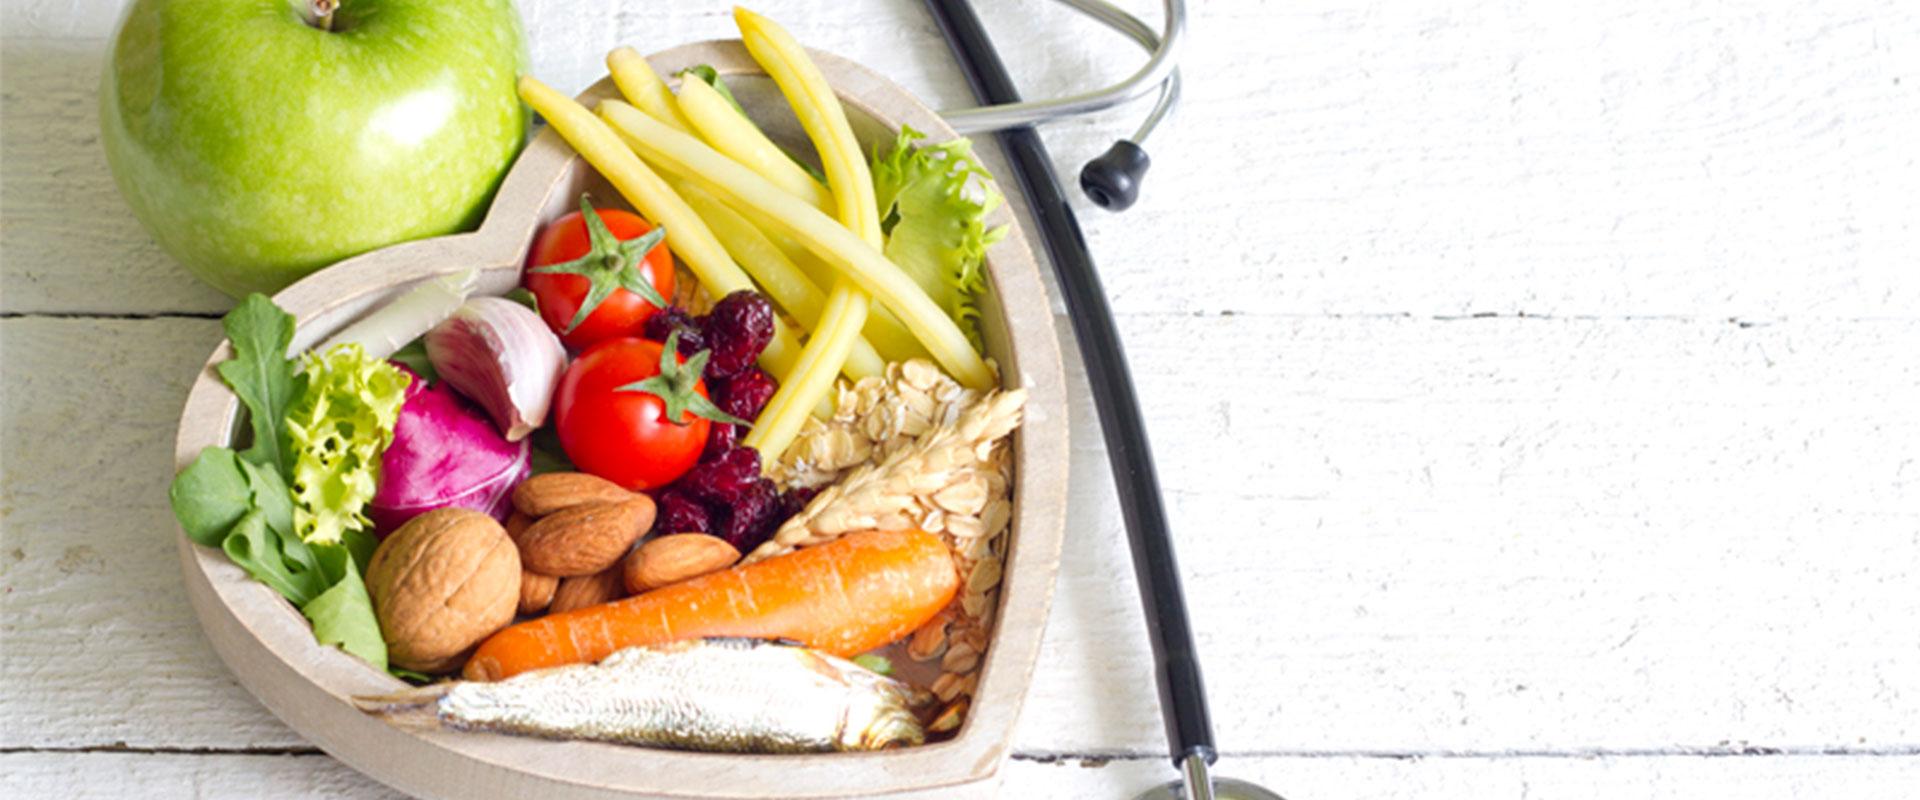 Plato en forma de corazón con alimentos para tener una buena salud.